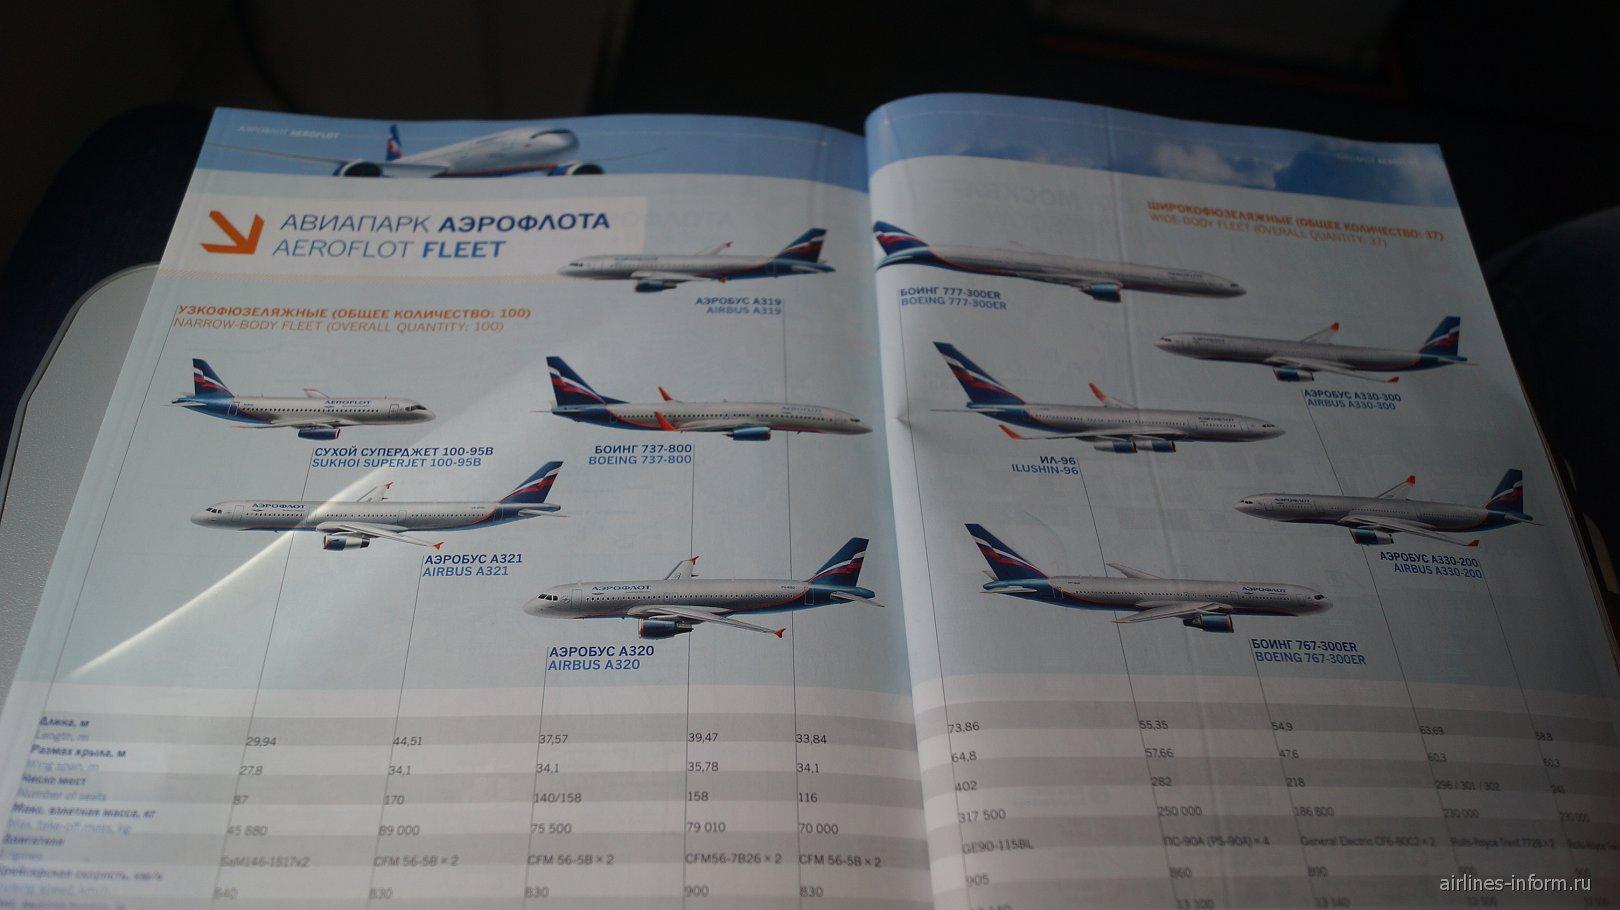 По словам андрея шарыпова, начальника отдела сертификации судов гражданской авиации госнии га, для зарубежных машин он составляет около 40–60 тыс.